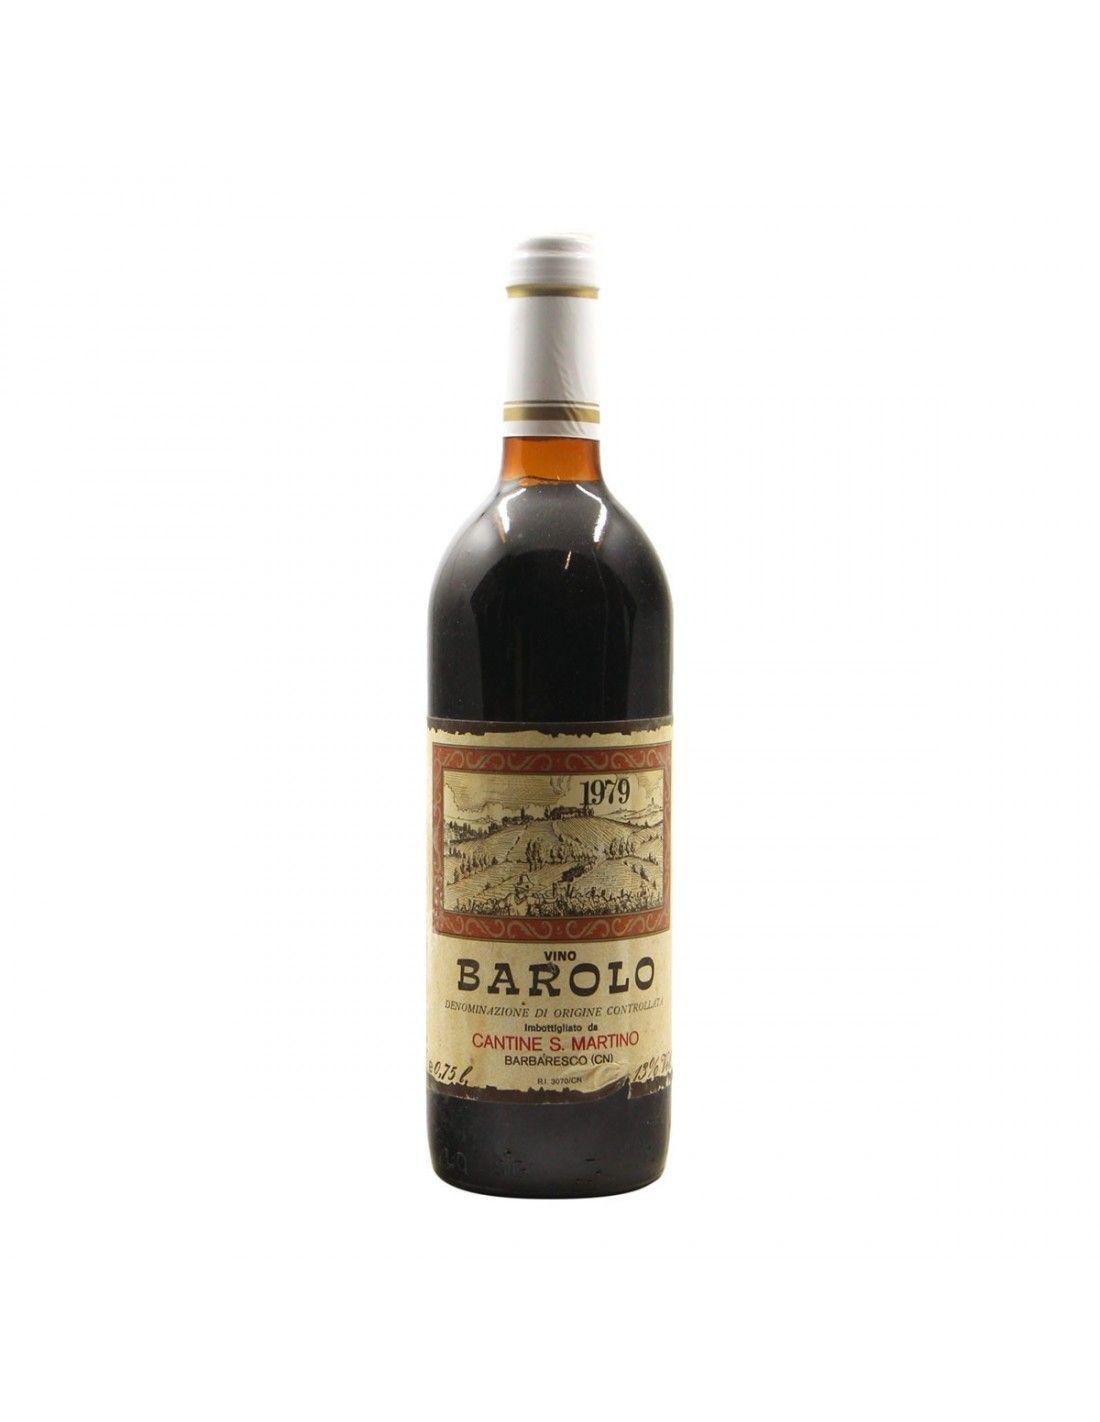 BAROLO 1979 SAN MARTINO Grandi Bottiglie